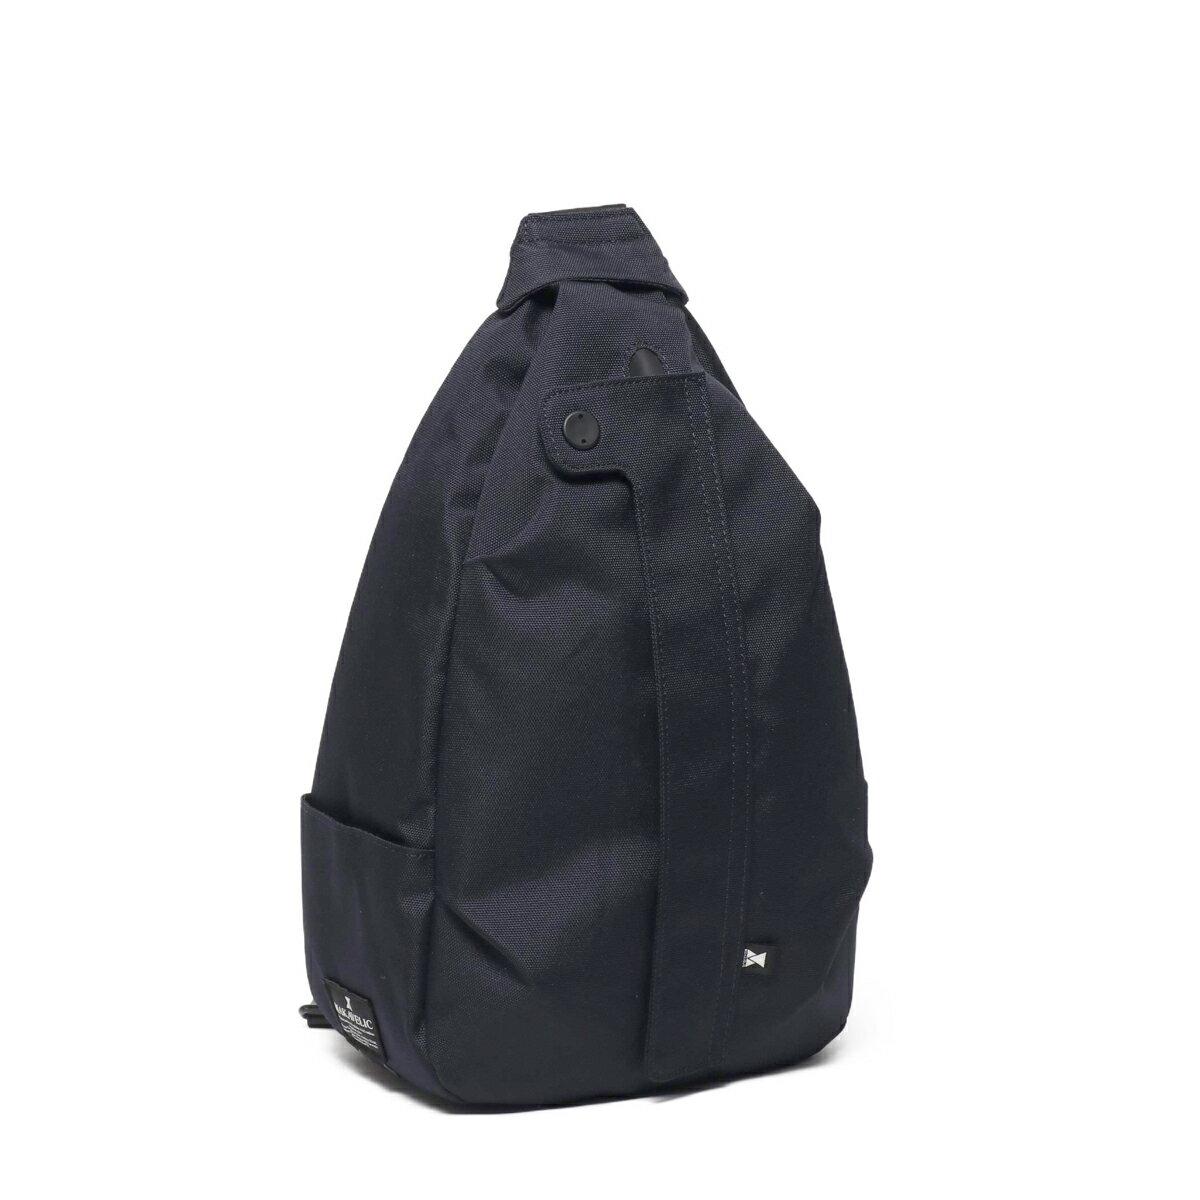 男女兼用バッグ, バックパック・リュック MAKAVELIC DEWDROP SLING BAG( )D.NAVY 19FA-I